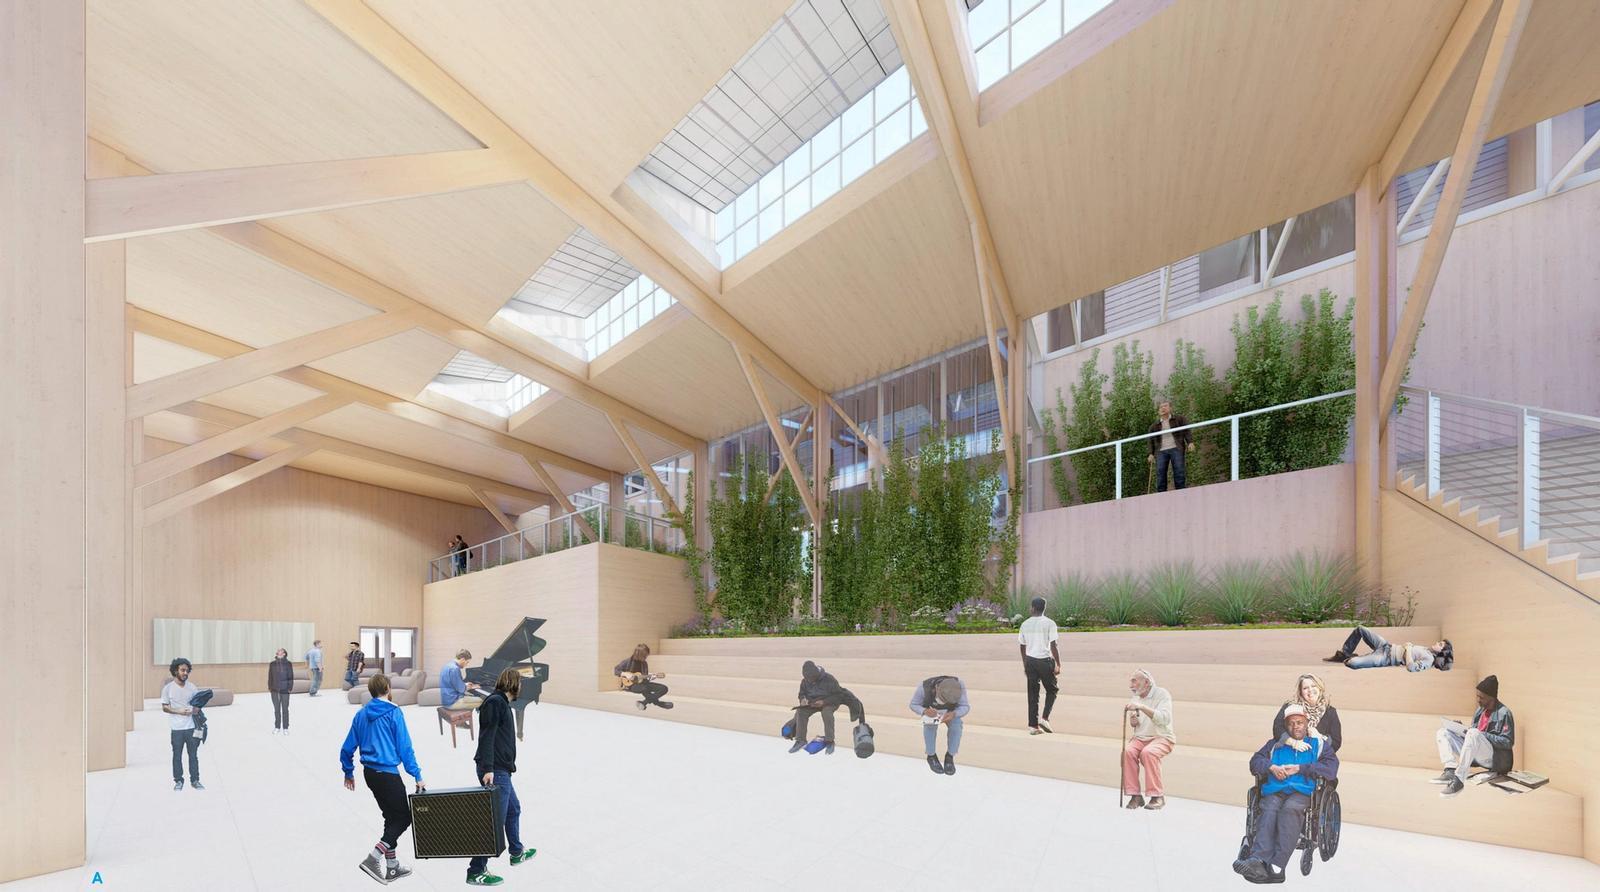 Interior View of Multi-Purpose Day Center